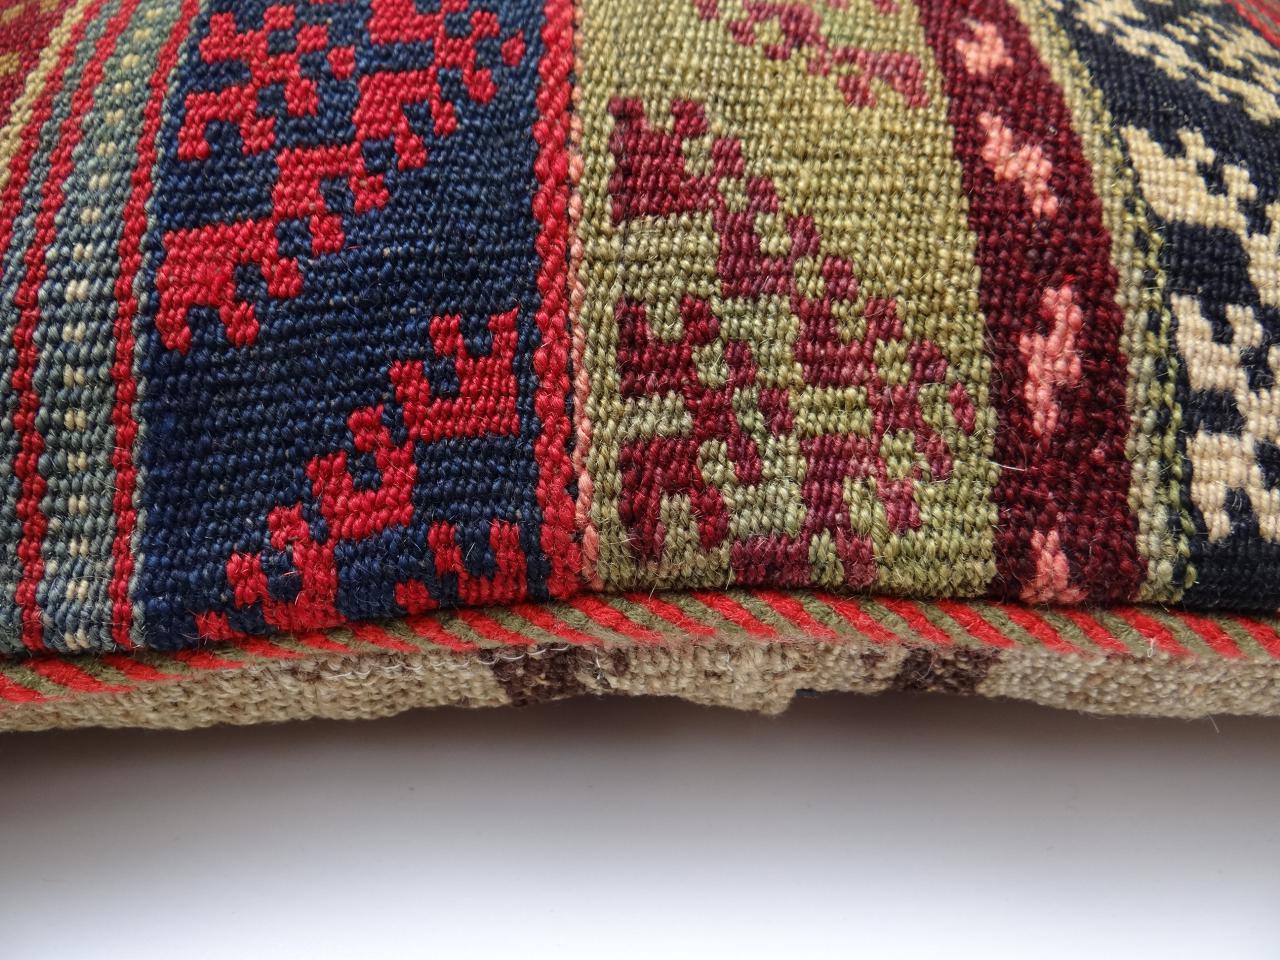 Coussin kilim Shahsavan Persian cushions   N°1475   50x50cm